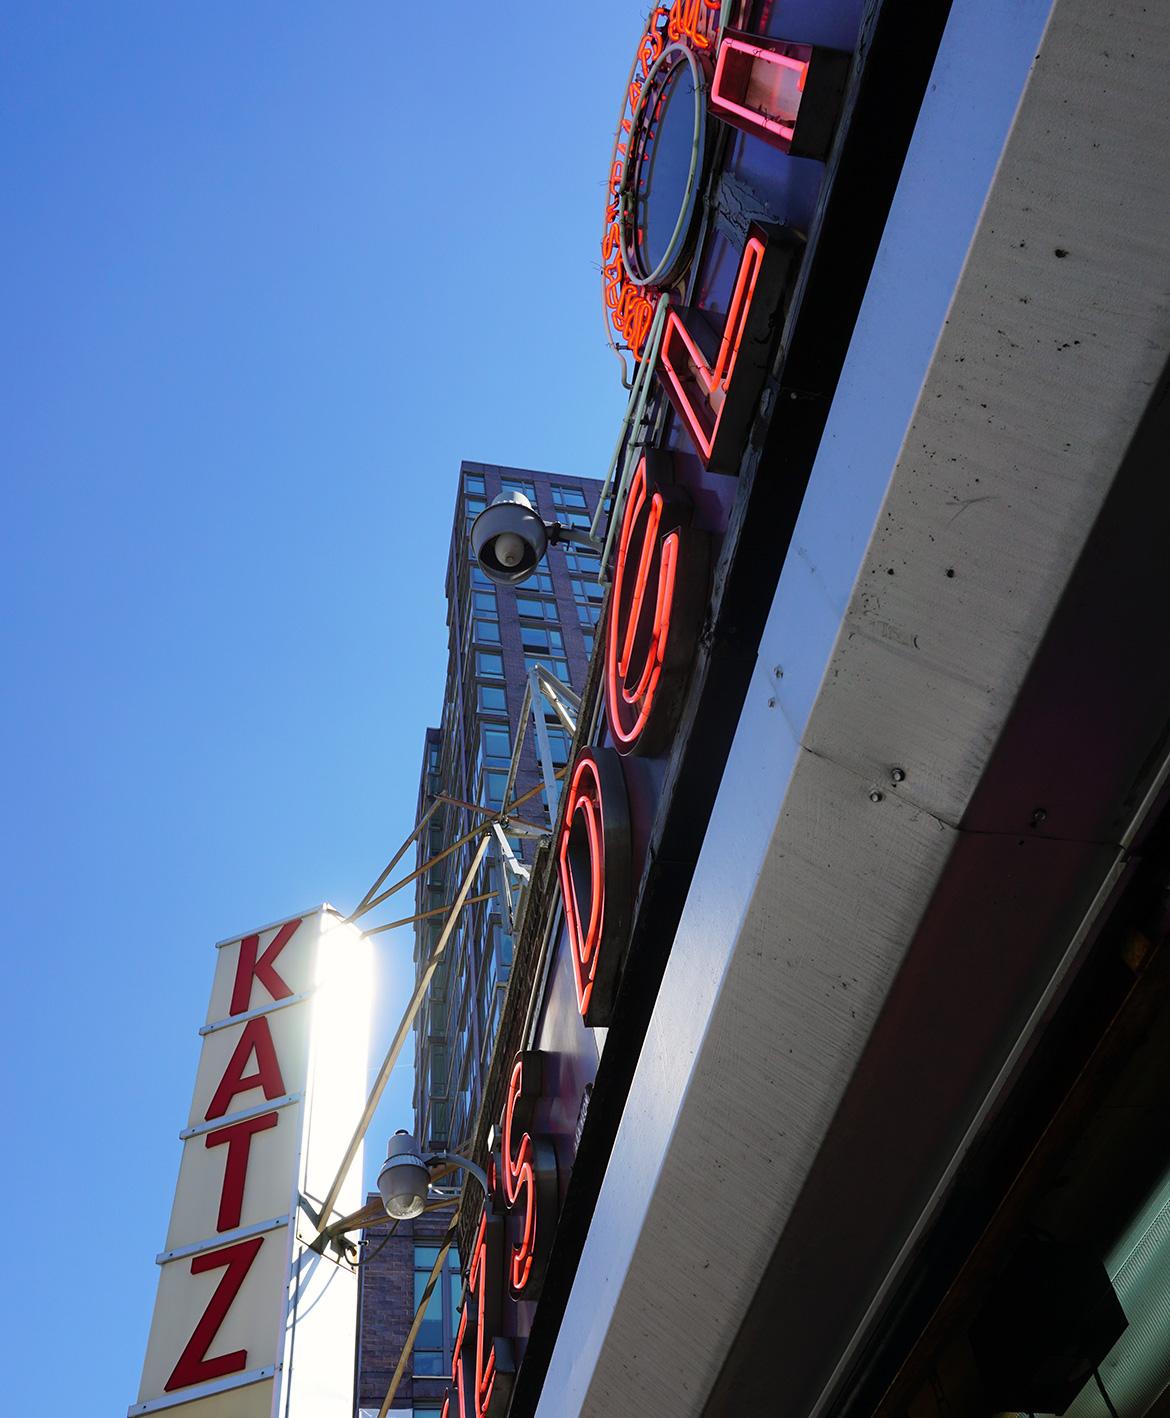 katzs-the-take-out-v4